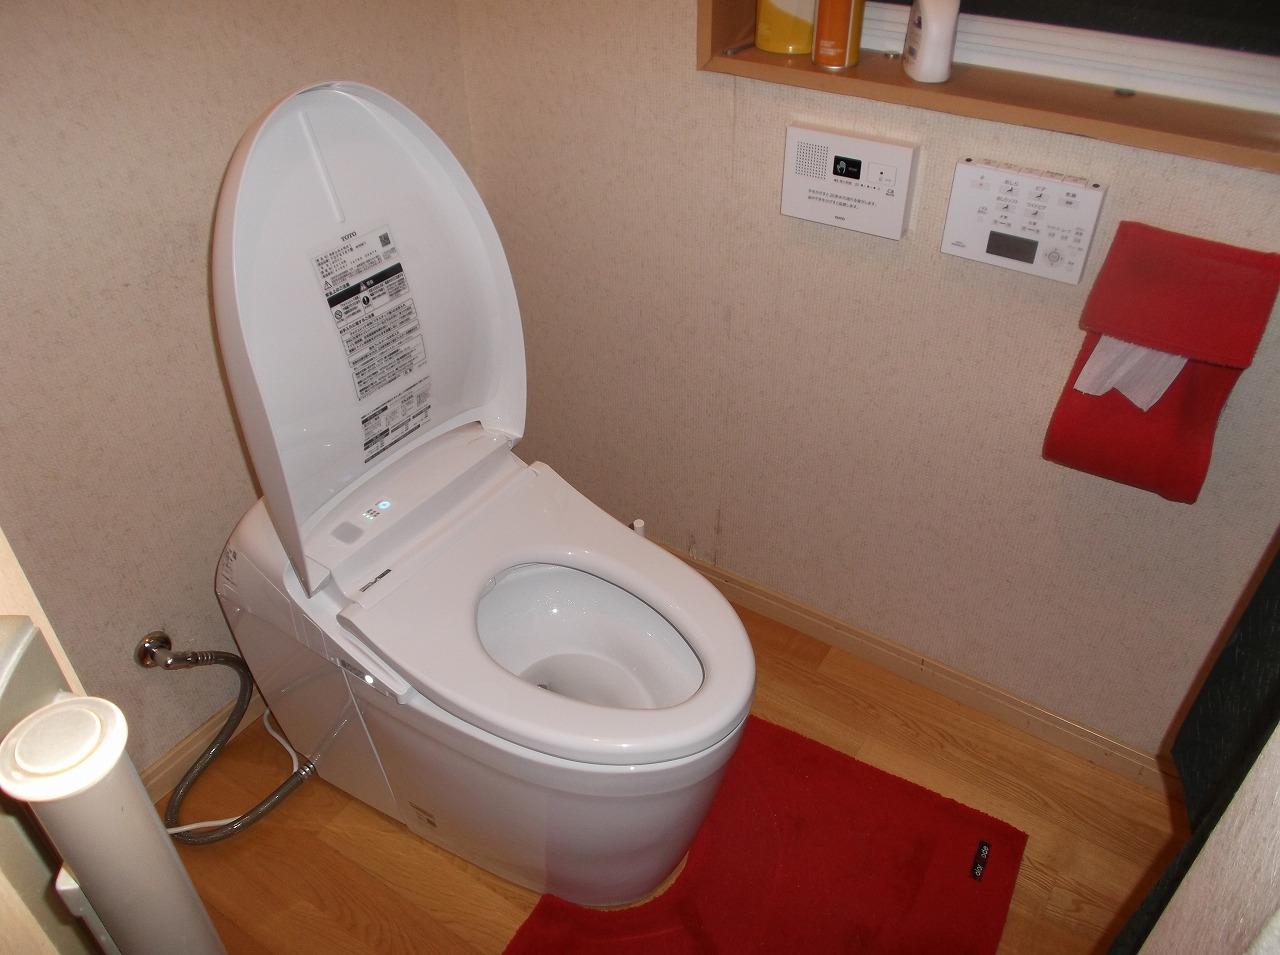 【トイレ取替えリフォーム工事】 知多市 T様邸